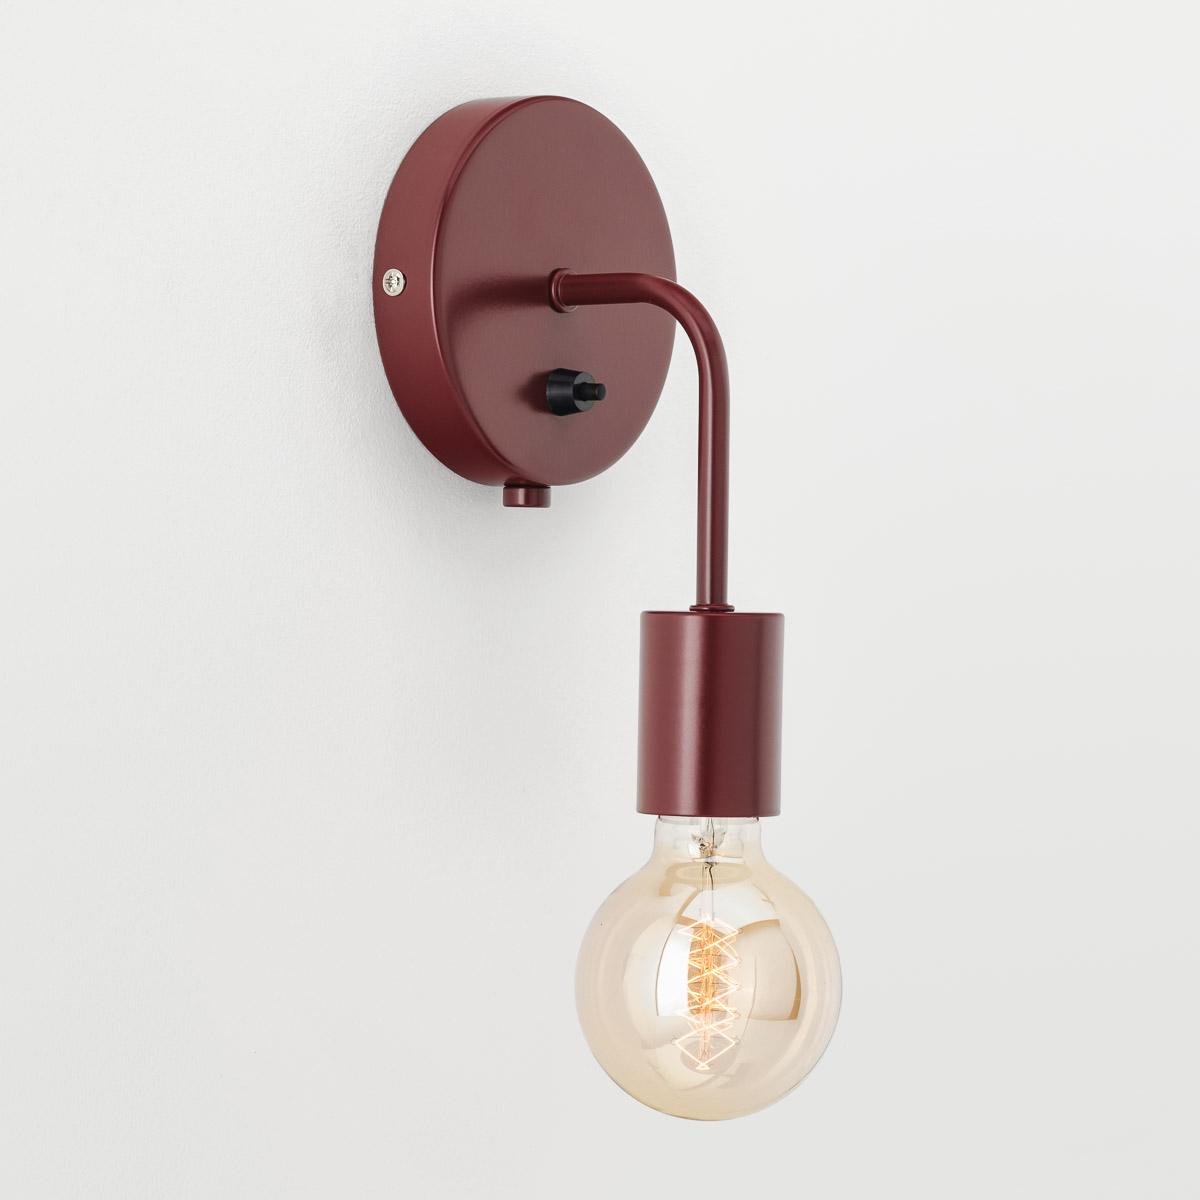 Настенный светильник Loui бордовый